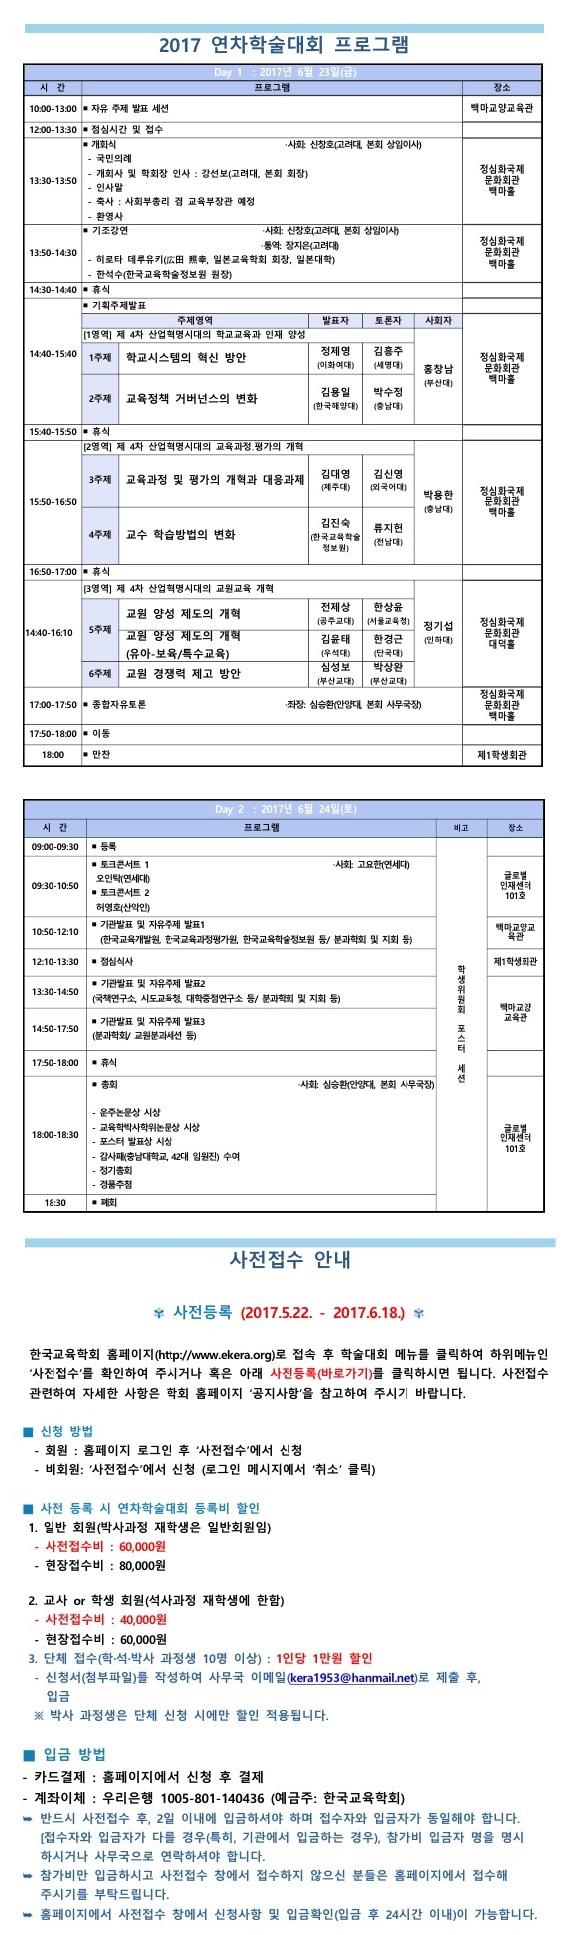 붙임4. 한국교육학회 일정 및 개별사전접수 관련 안내.jpg